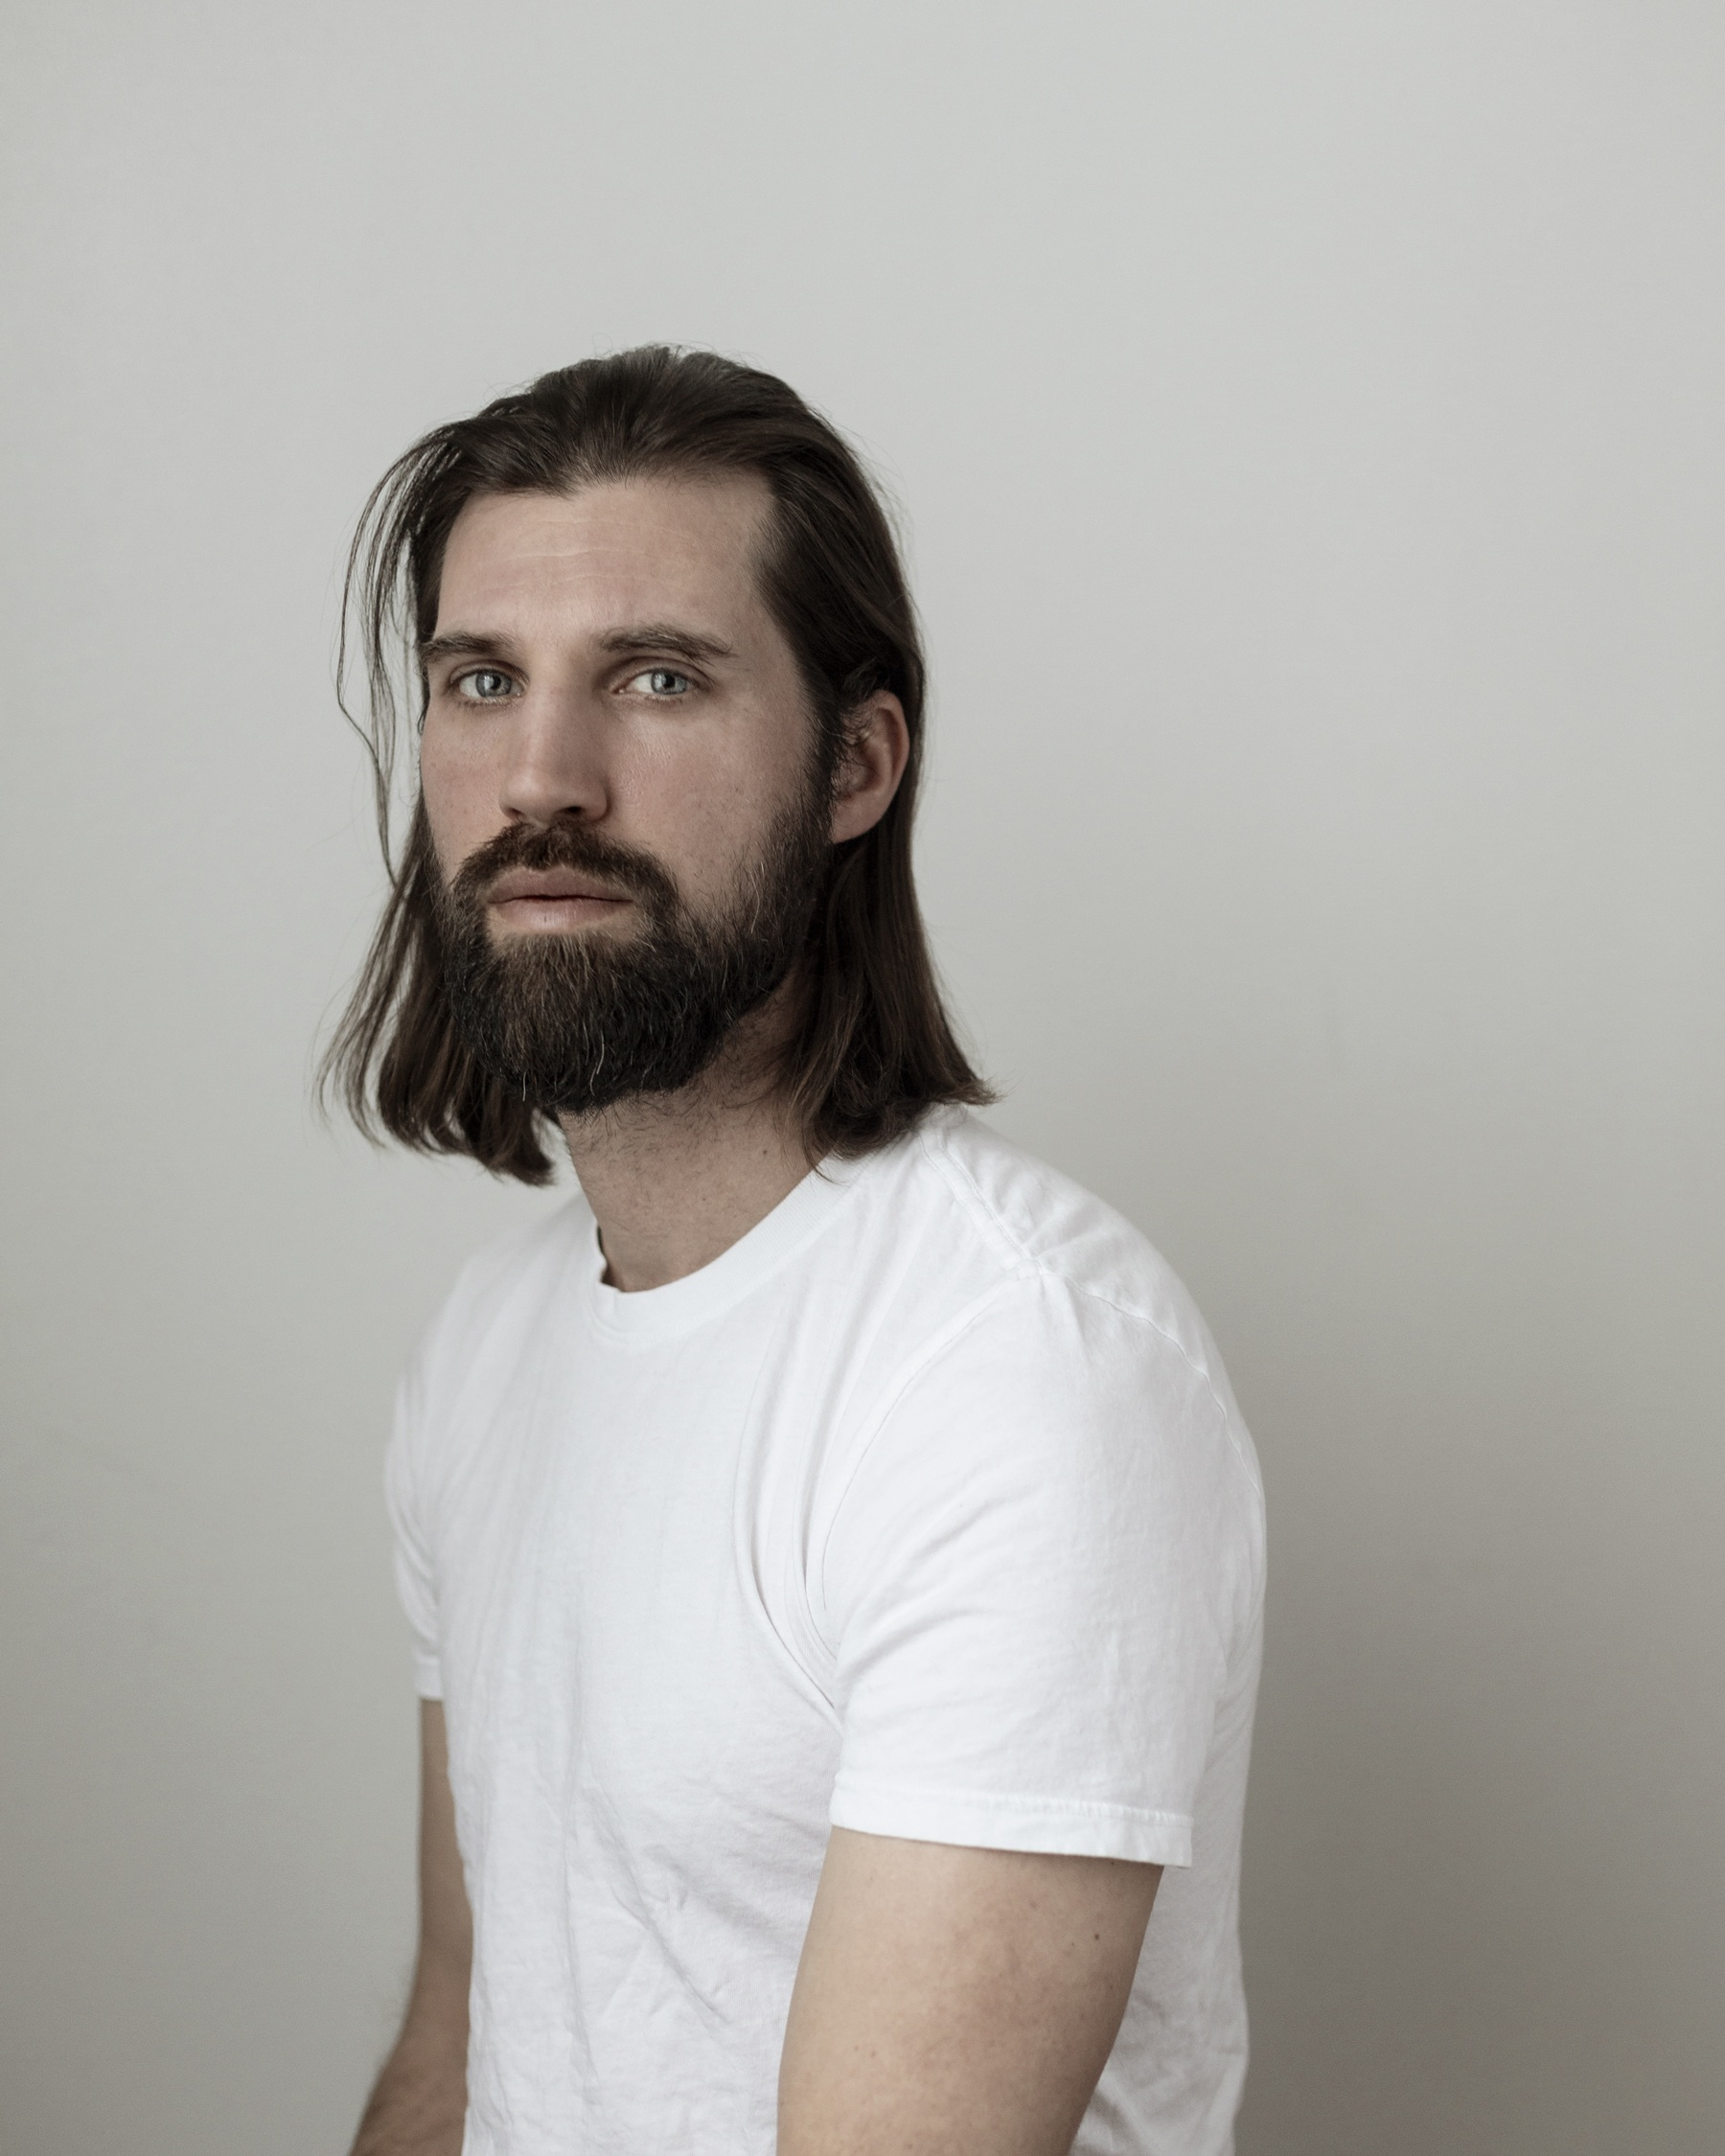 Portrait of the artist by Josh Wool